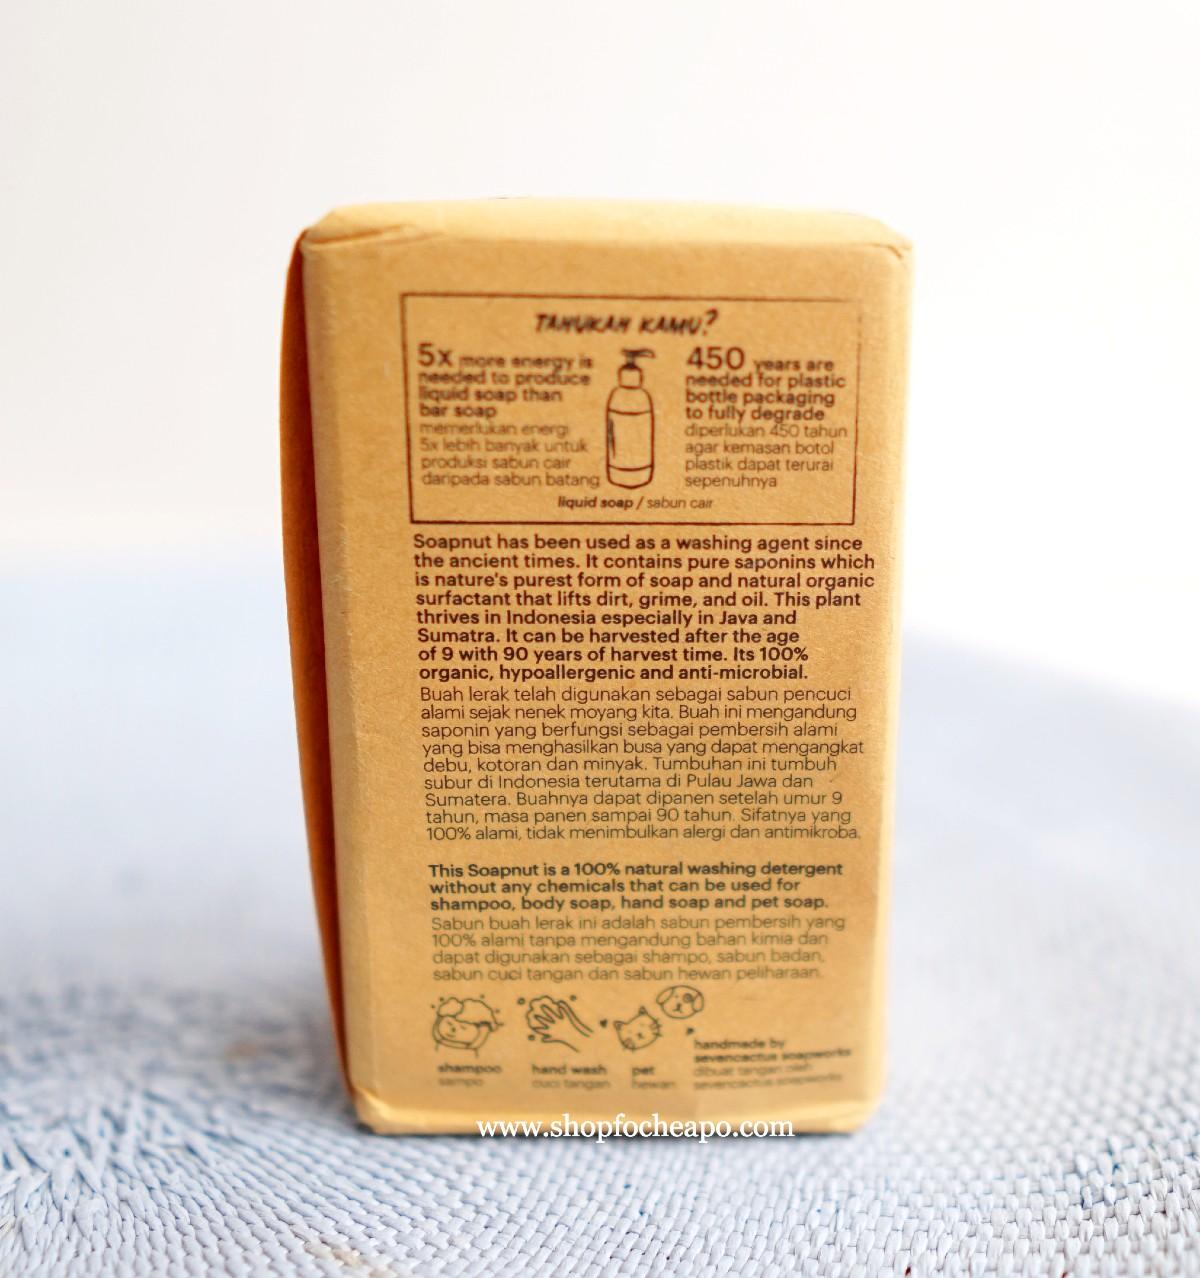 deksripsi yang tertera di bungkus sabun